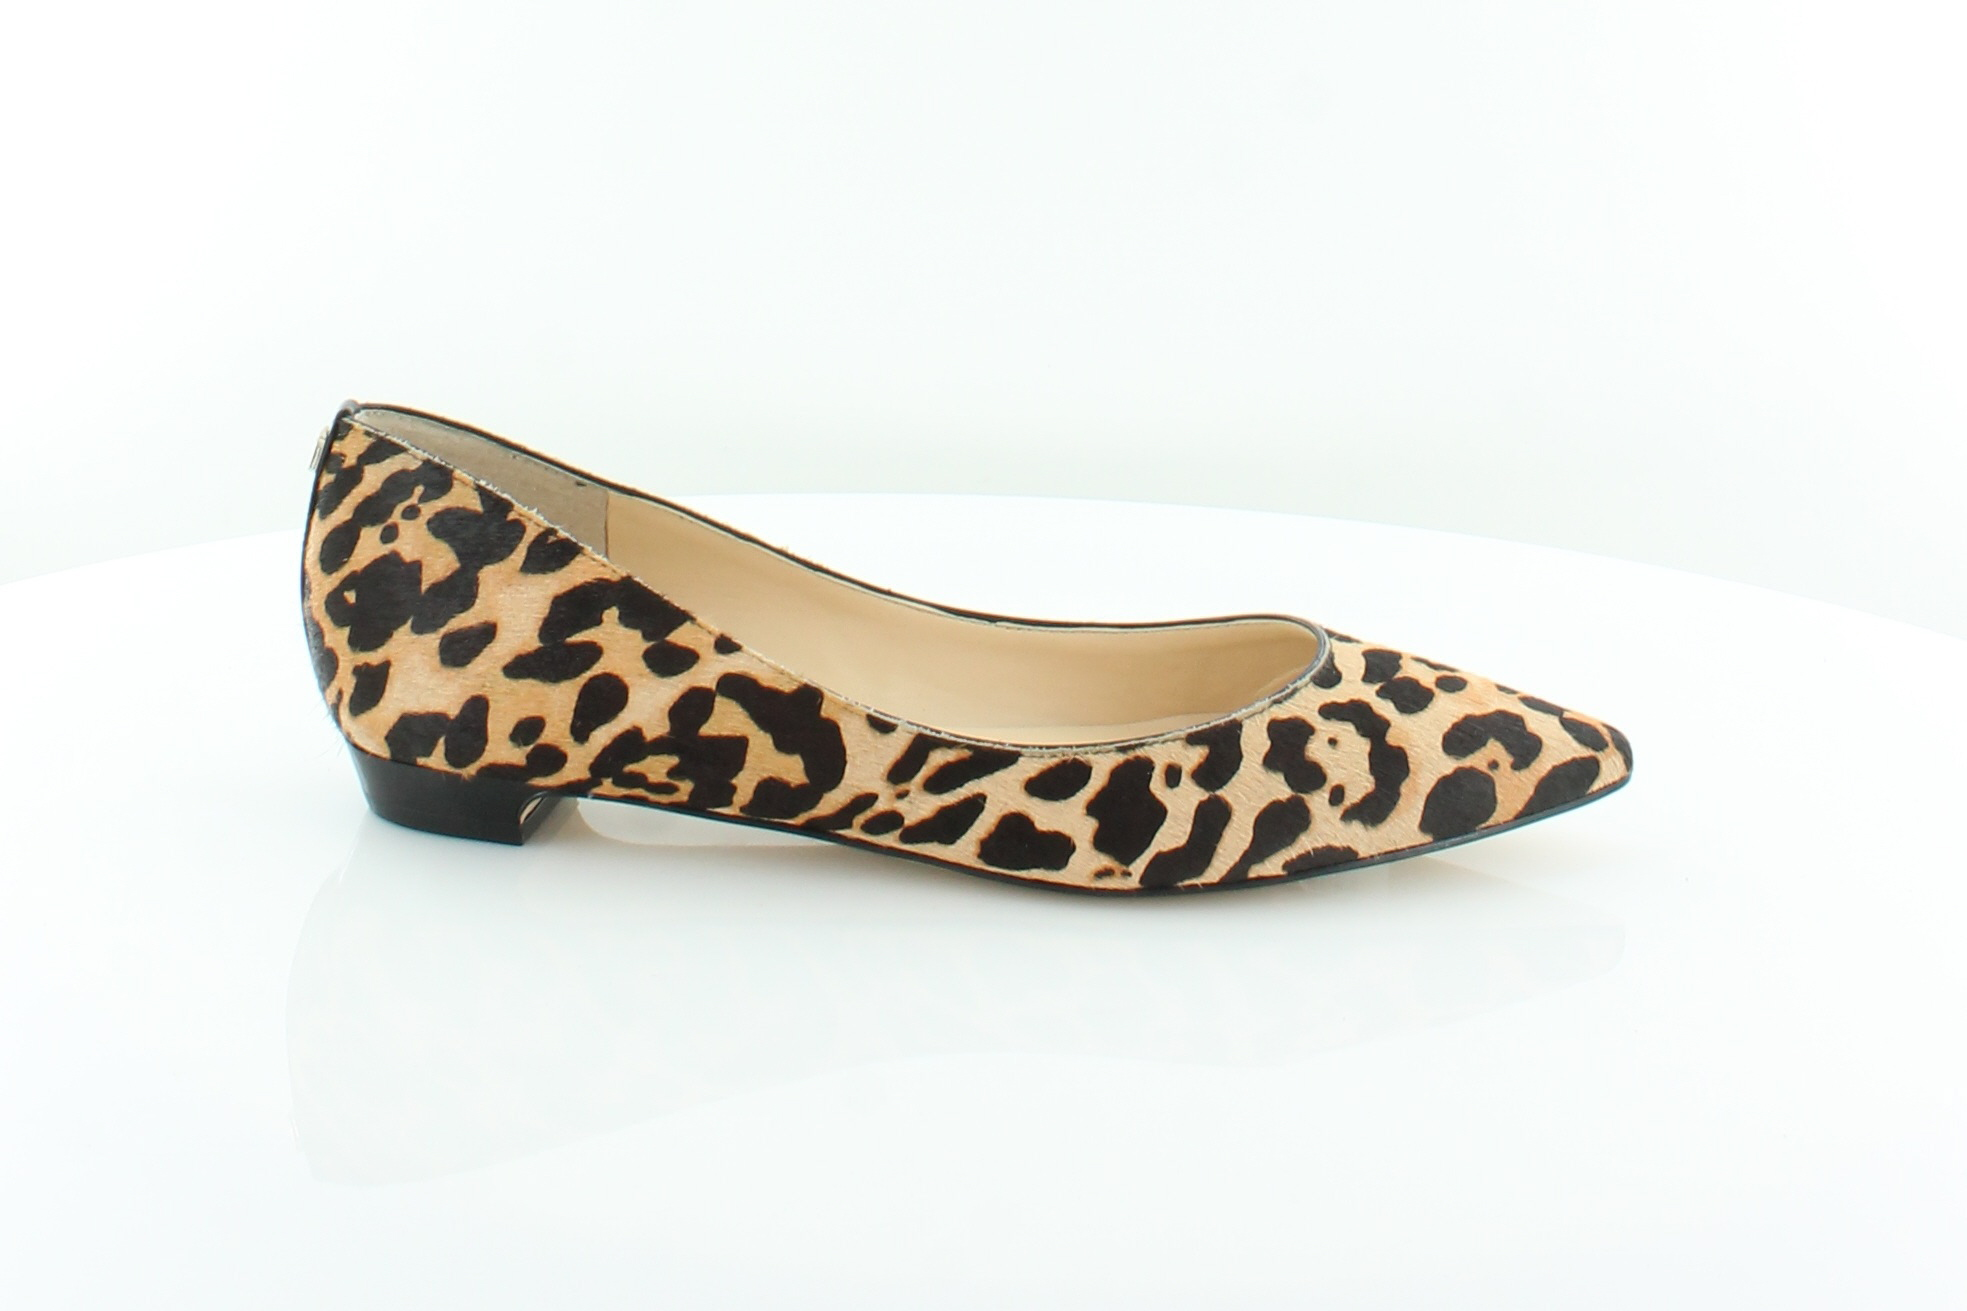 Ivanka Trump Izzy Marrón Marrón Marrón Zapatos para mujer Talla 8.5 M pisos MSRP  120  ahorra hasta un 50%